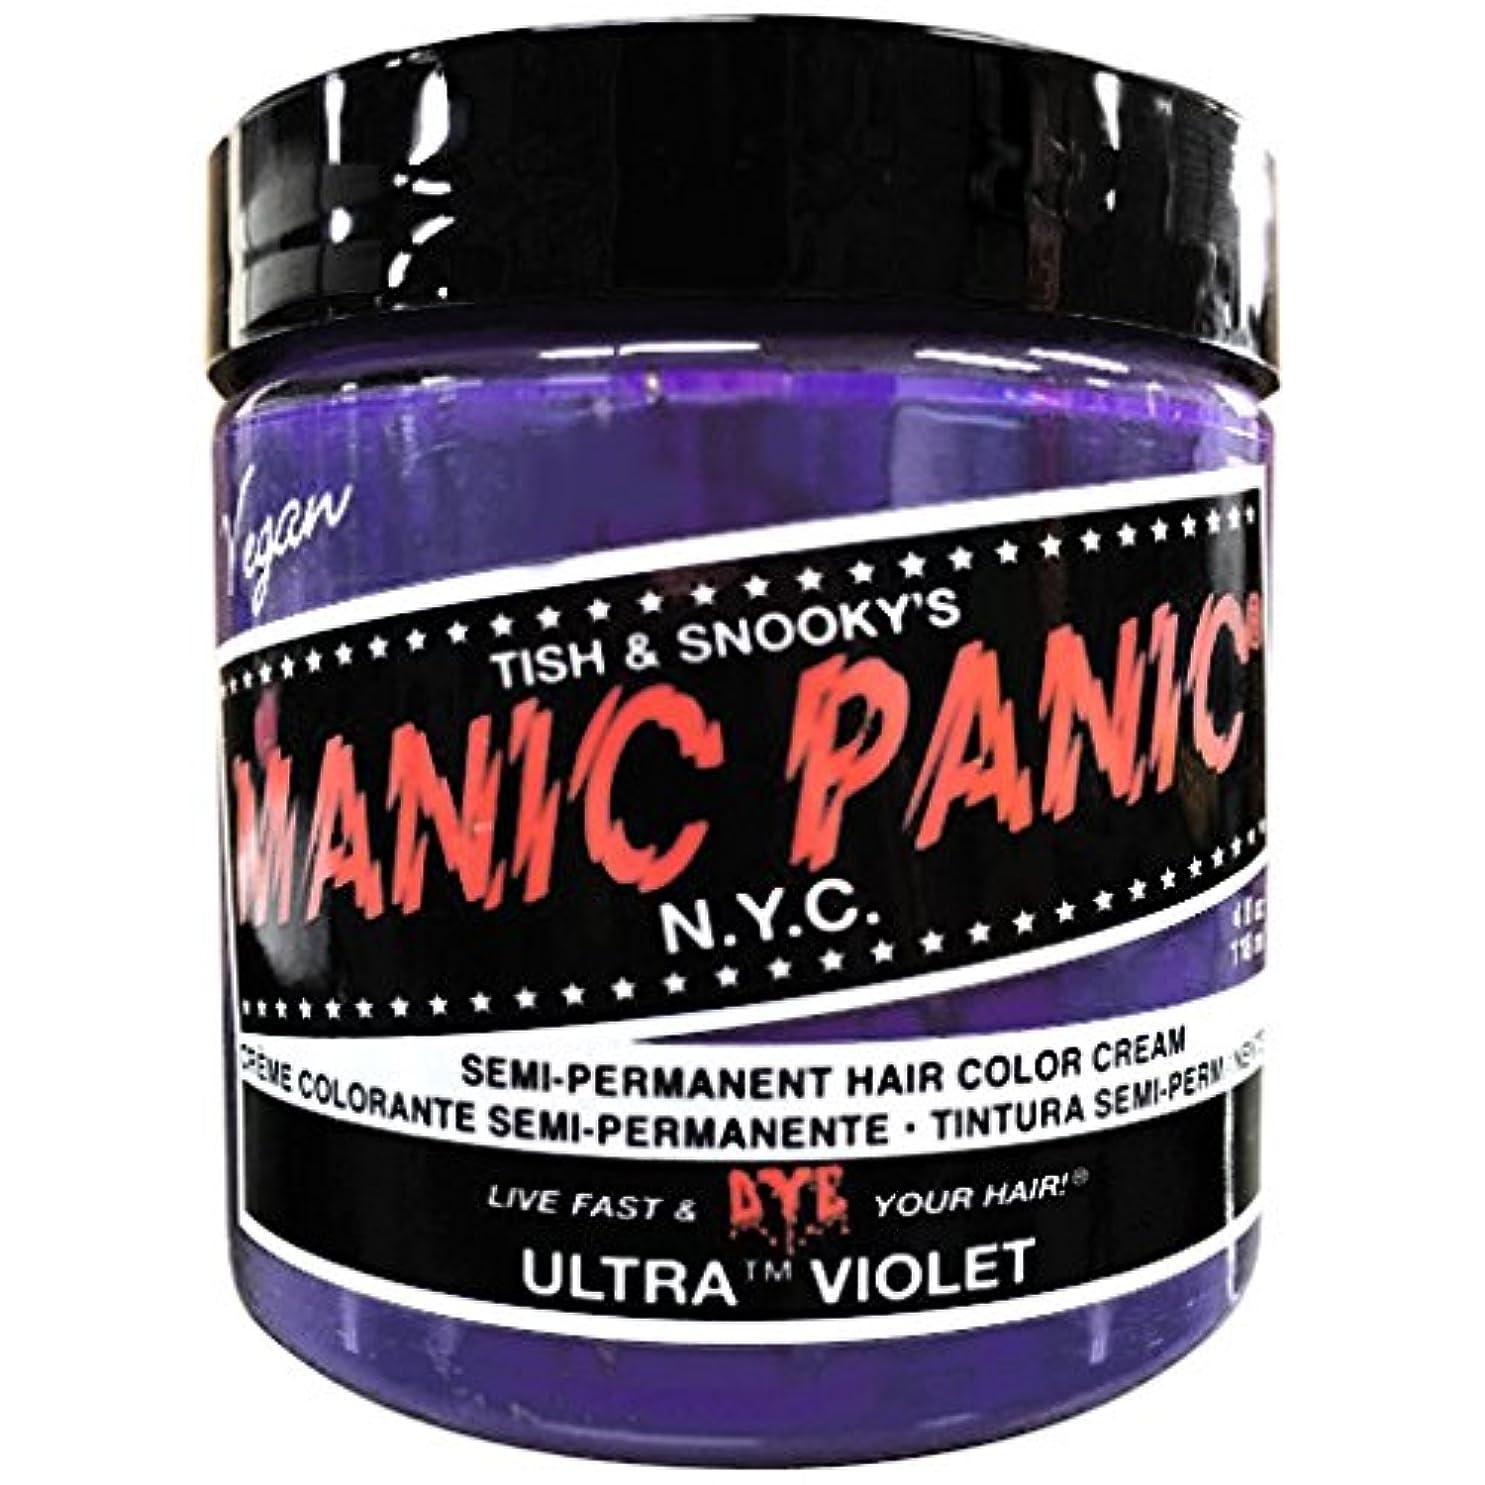 囲む掃除想定マニックパニック カラークリーム ウルトラヴァイオレット